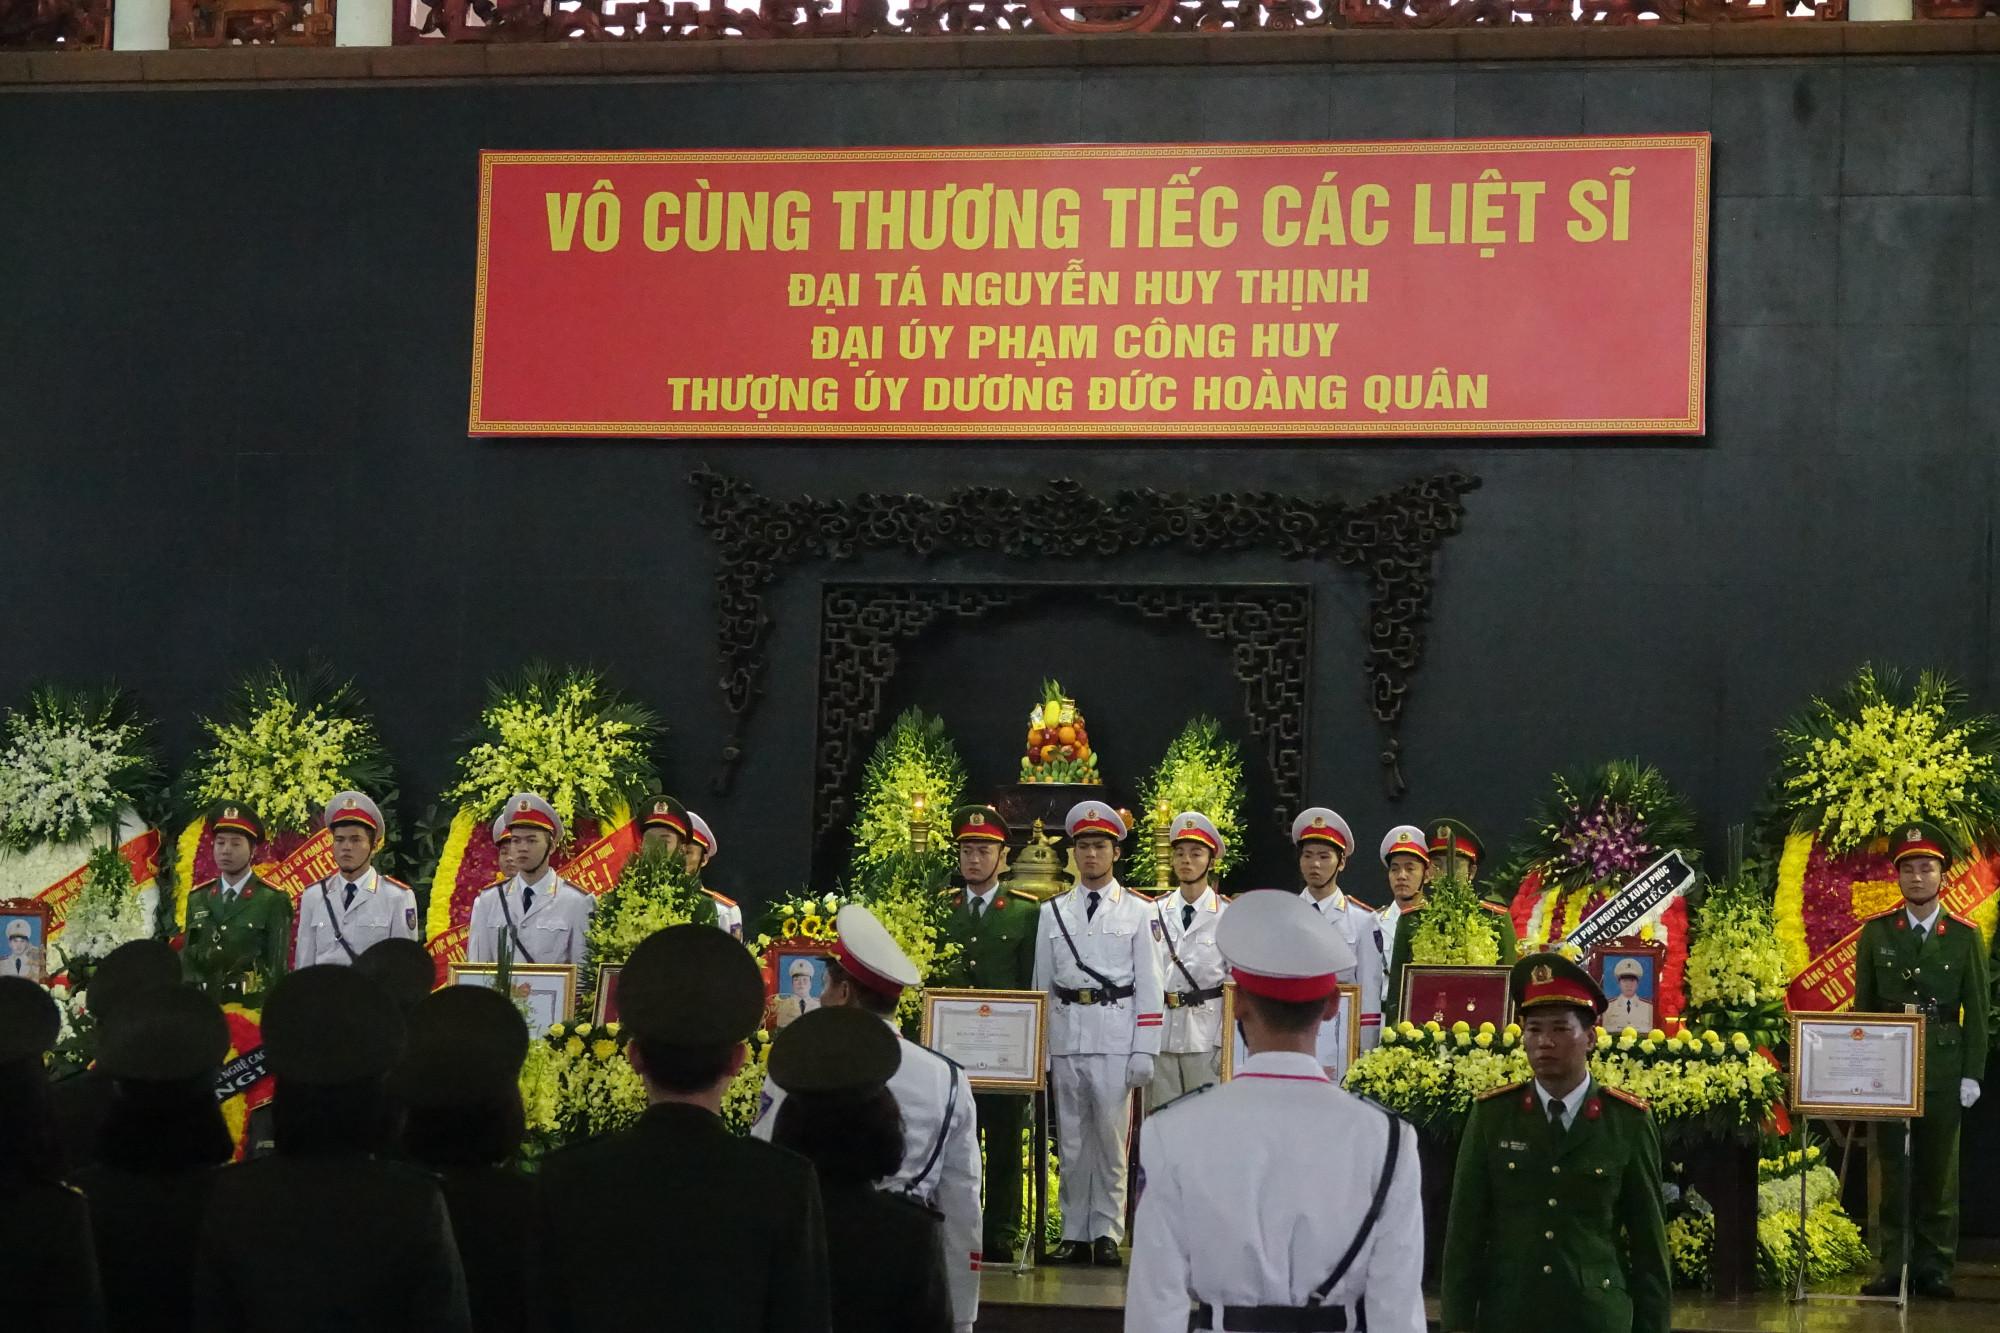 Tang lễ của 3 liệt sĩ được tổ chức trọng thể theo nghi thức của lực lượng Công an nhân dân.